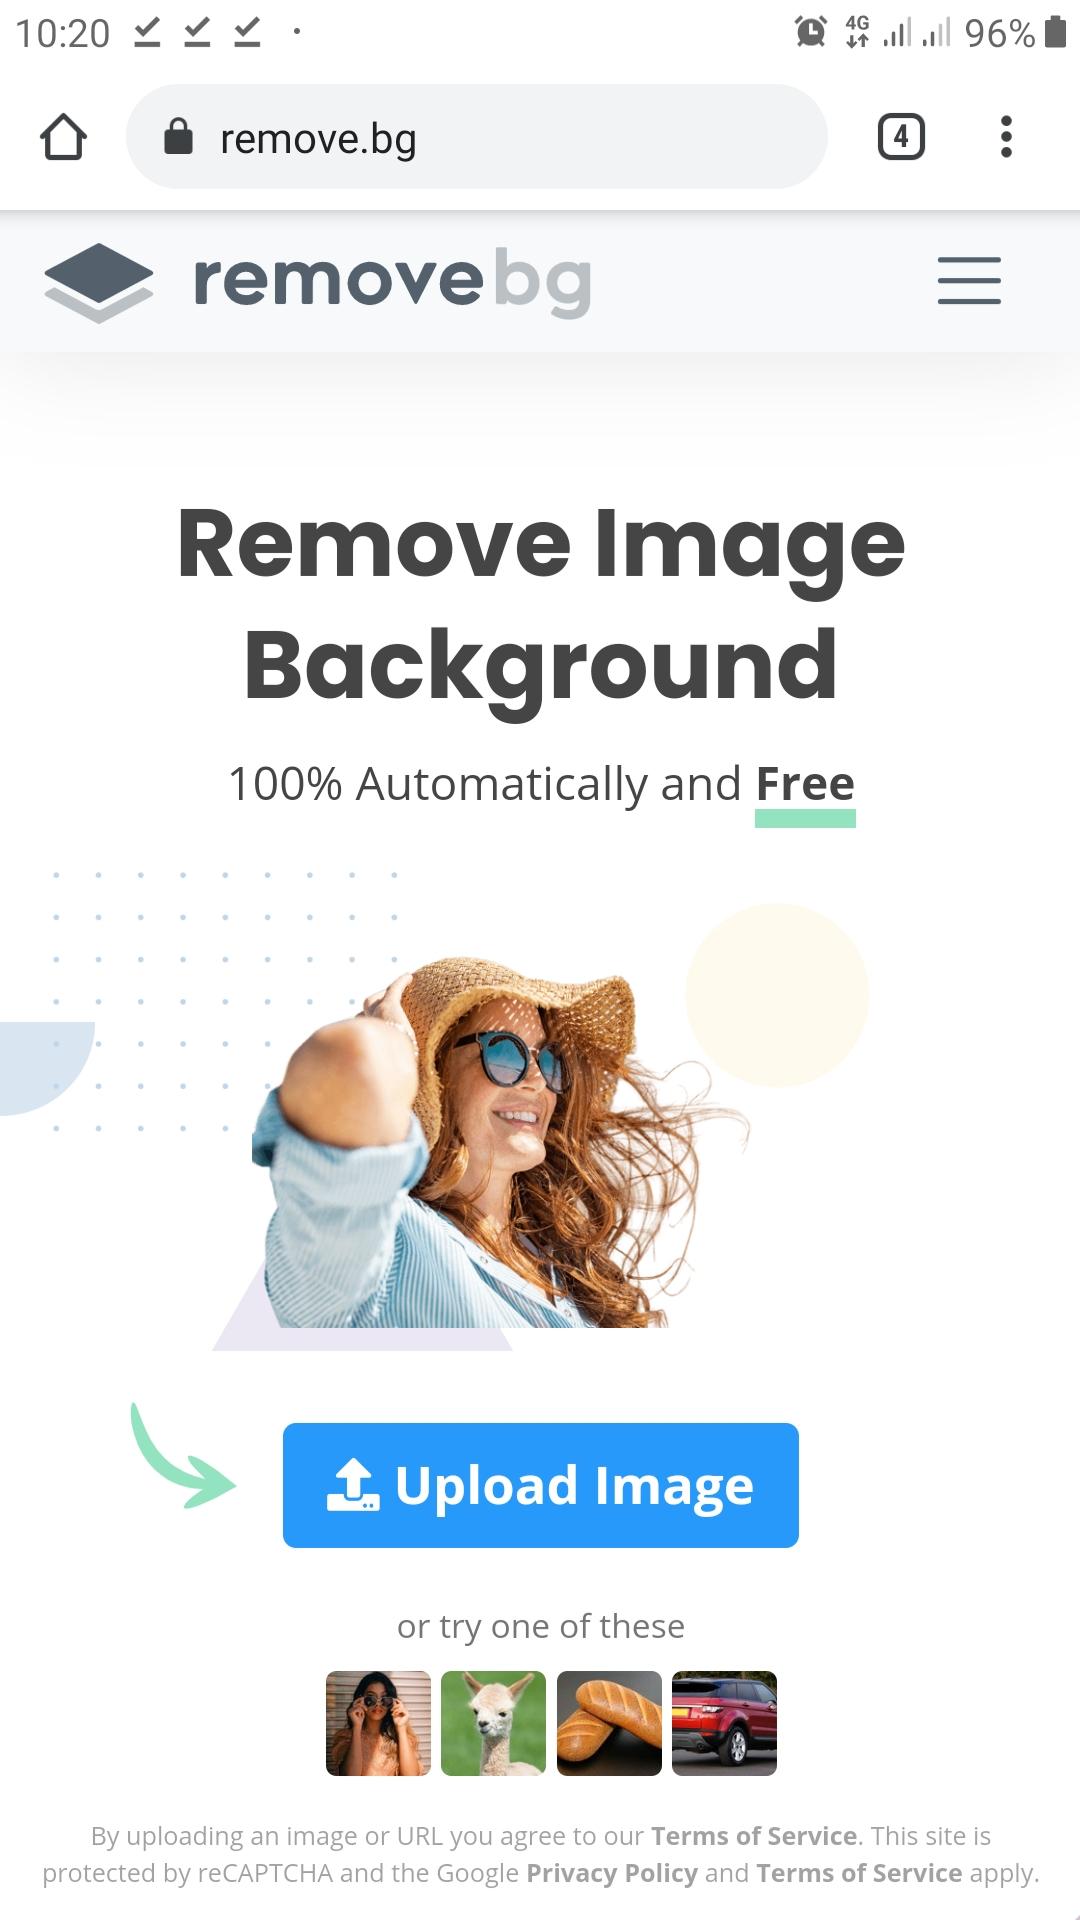 اليك اقوى موقع لإزالة خلفيات الصور و ربح المال من هذه الخدمة